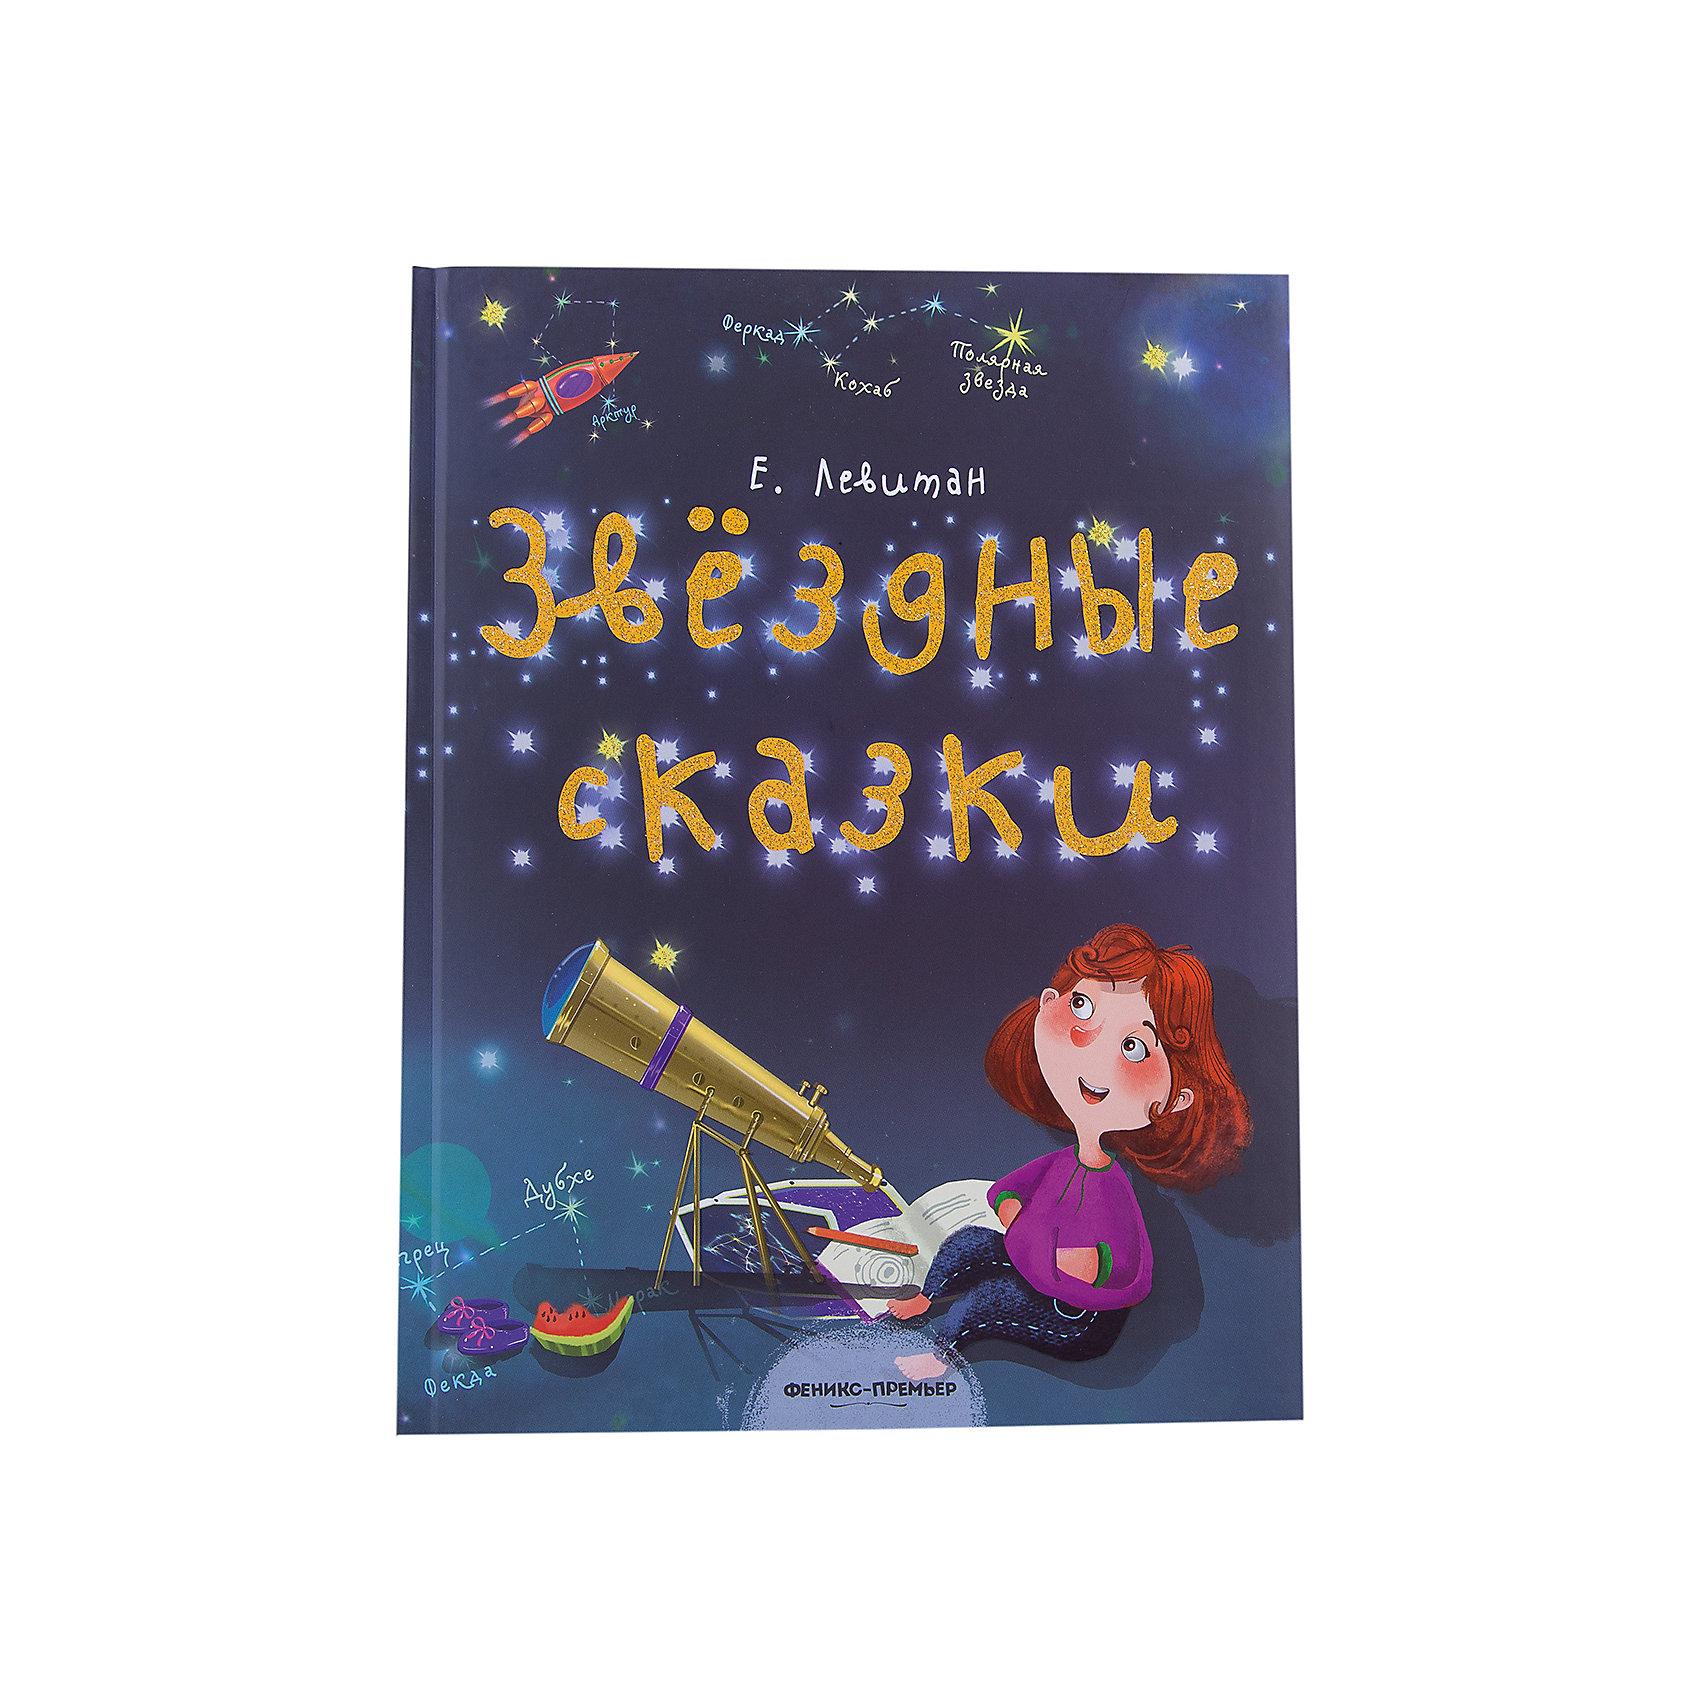 Звездные сказки:моя первая книжка по астрономии дпСказки<br>Порадуйте своих детей этой необычной книжкой. Ее героине, Машеньке, очень повезло. Она подружилась с Луной и звездами, побывала в гостях у самого Солнца. О том, что узнала девочка о небесных светилах, и рассказывается в этой книжке-сказке по астрономии.<br>Книжку с интересом прочитают дети дома с родителями, в старших группах детского сада, в классах начальной школы.<br><br>Ширина мм: 268<br>Глубина мм: 205<br>Высота мм: 70<br>Вес г: 247<br>Возраст от месяцев: 48<br>Возраст до месяцев: 72<br>Пол: Унисекс<br>Возраст: Детский<br>SKU: 7127622